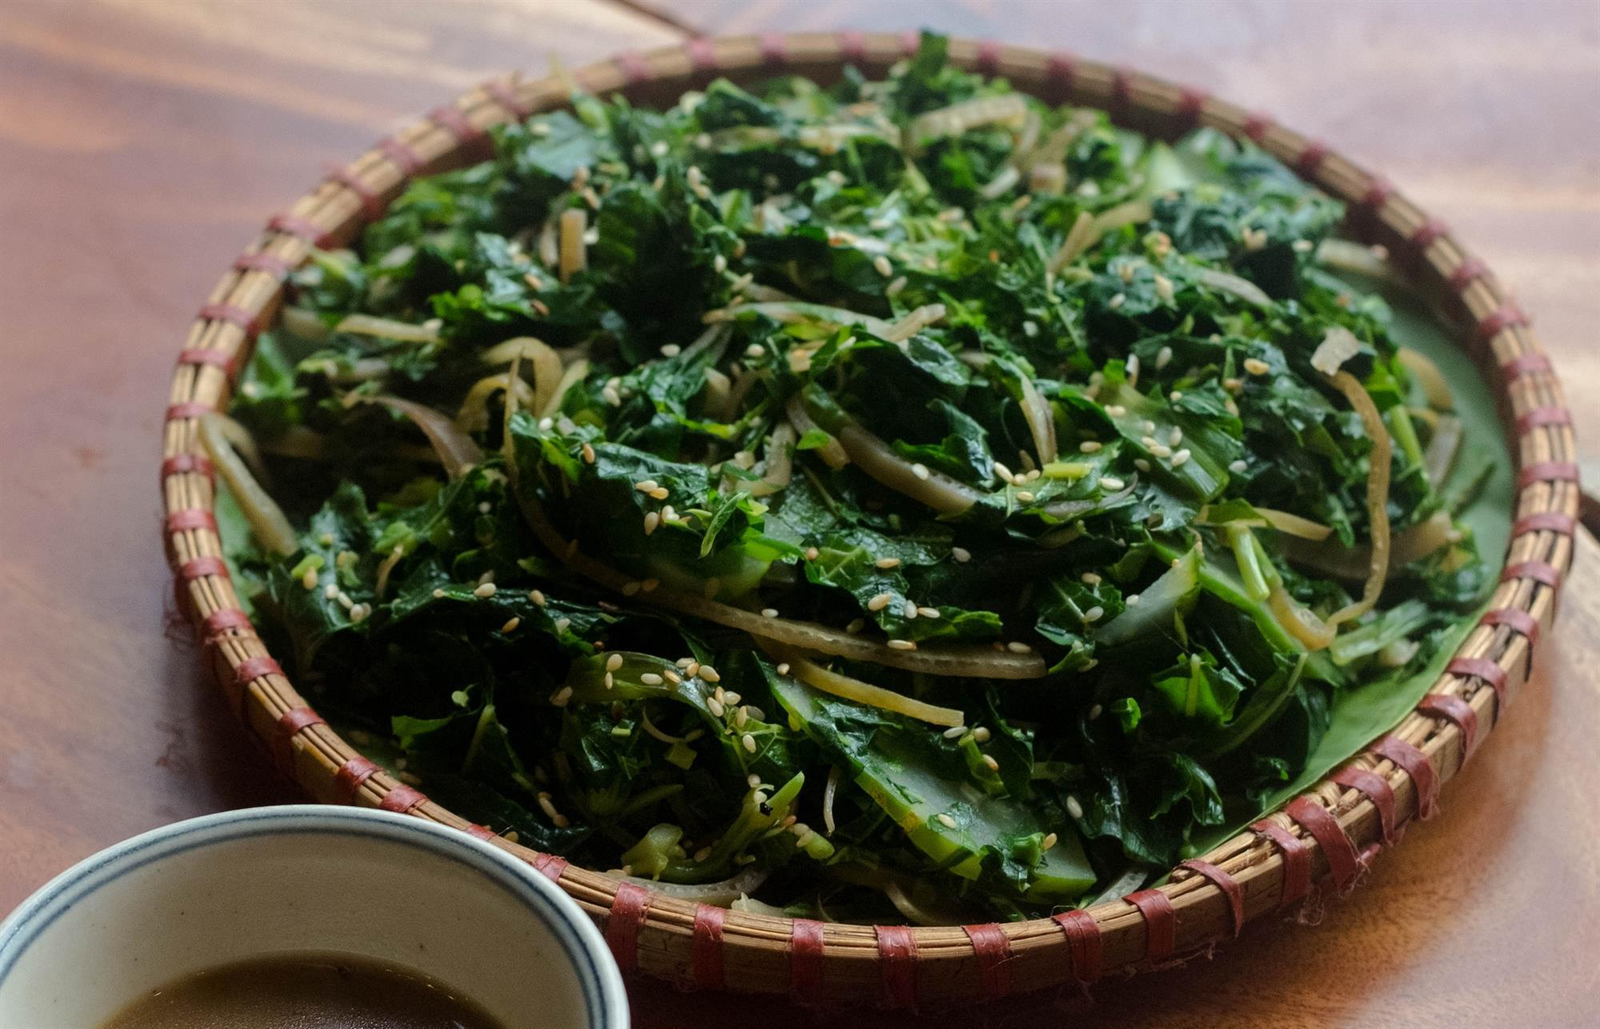 Canh rau sắn đặc sản Phú Thọ